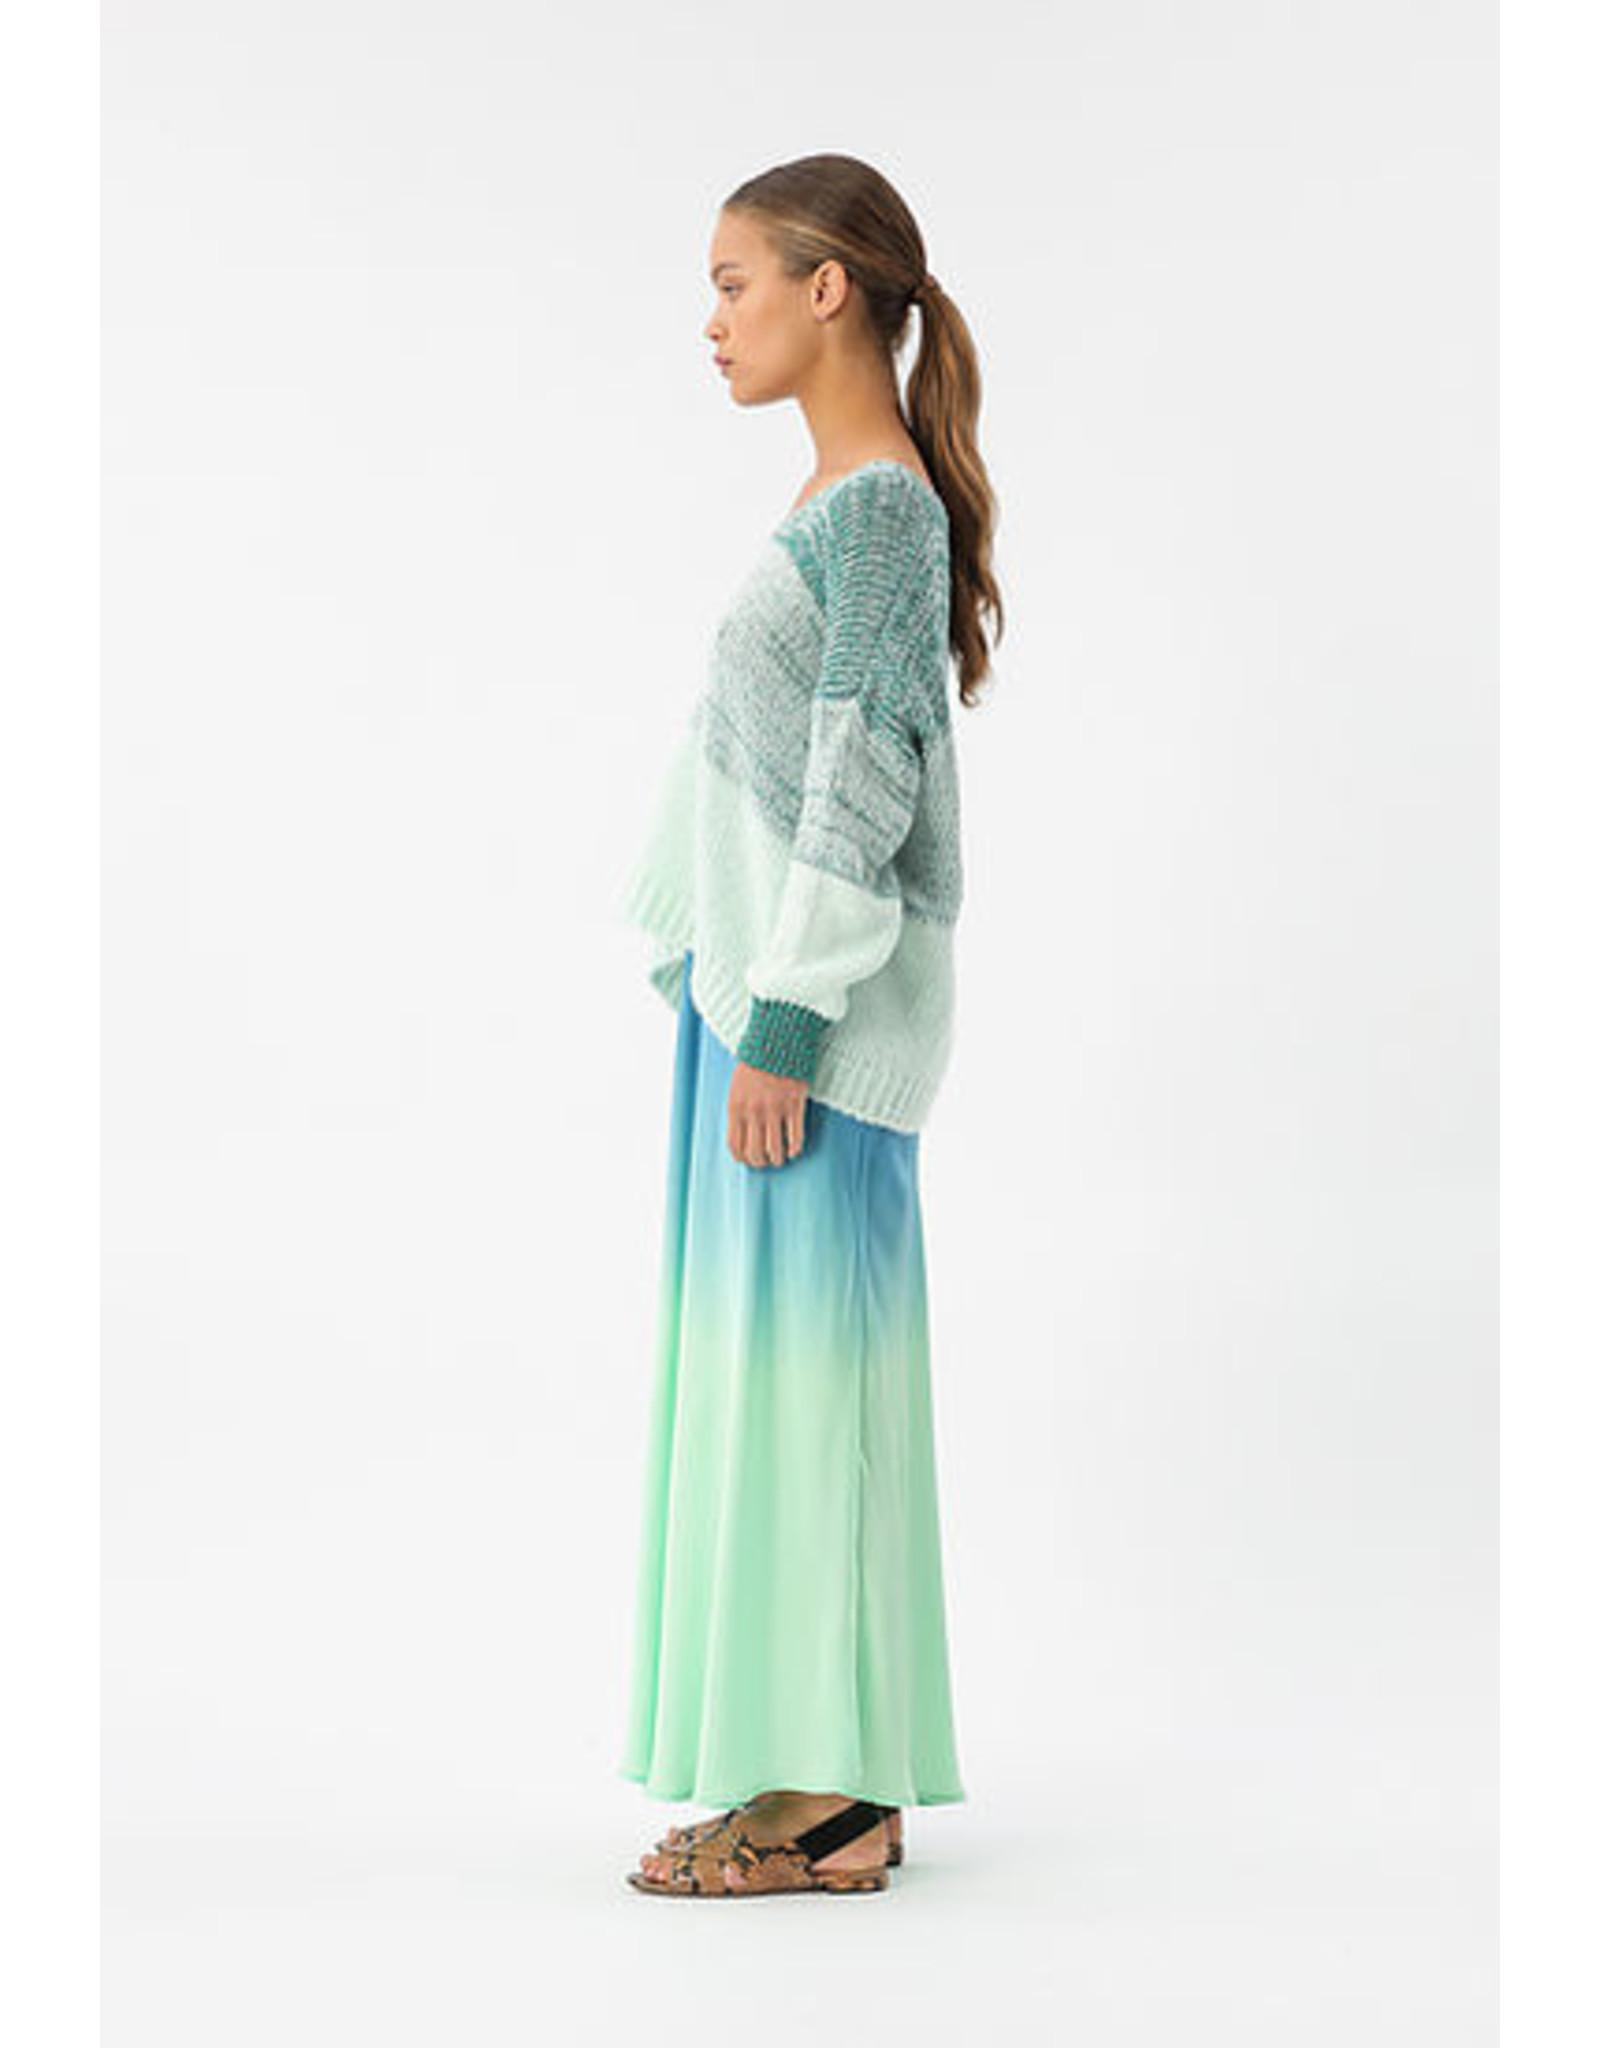 Imprévu Skirt groen/blauw Maxi